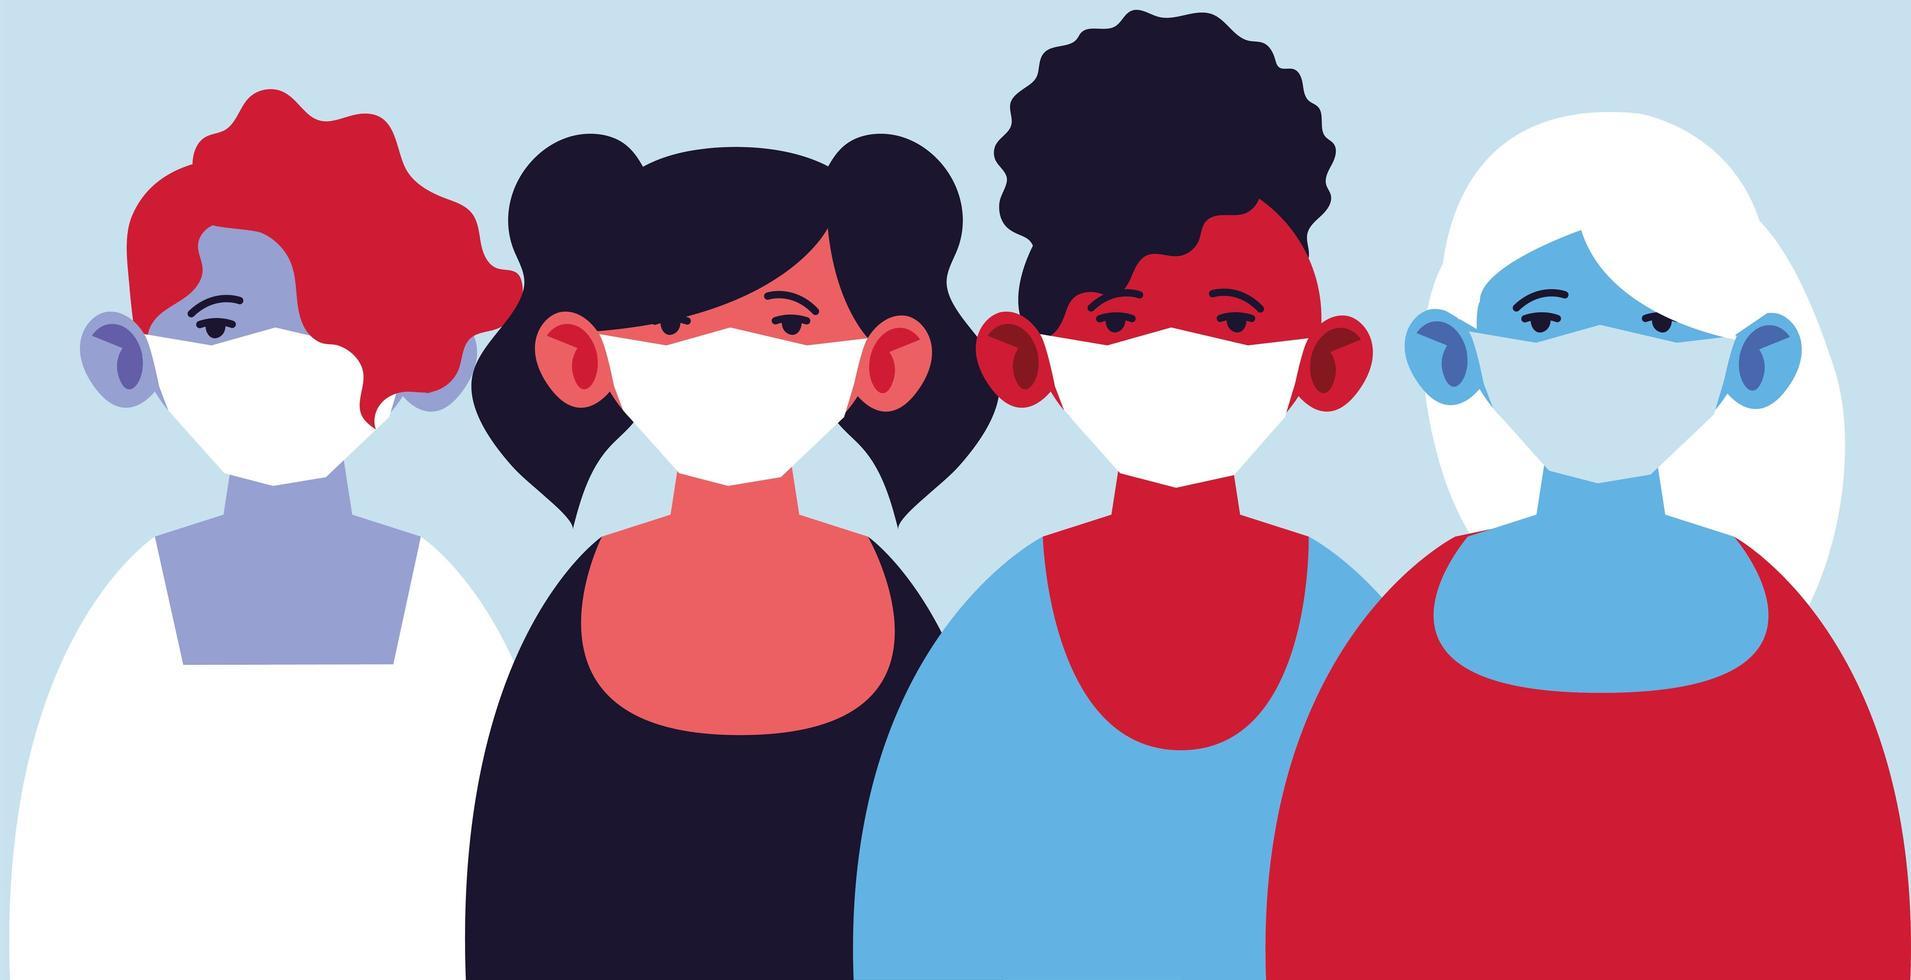 femmes avec des masques médicaux, se protégeant contre la pandémie vecteur